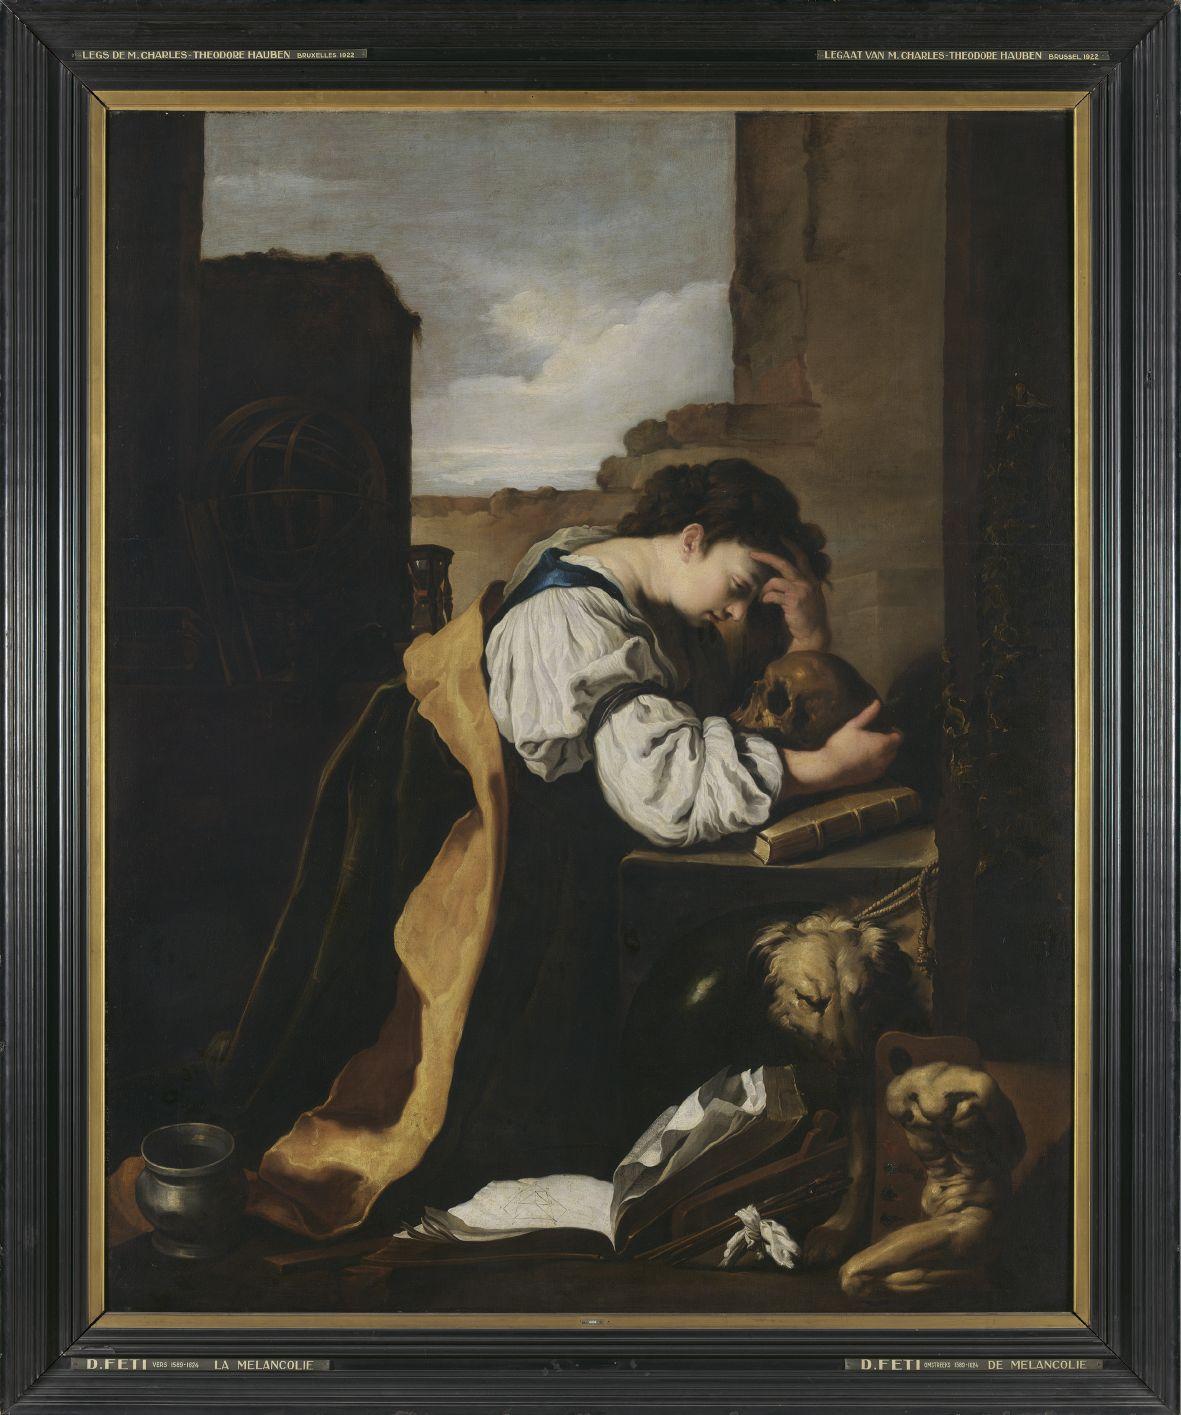 Domenico Feti (atelier van), De melancholie, 17de eeuw, olie op doek. -® Koninklijke Musea voor Schone Kunsten van Belgi+½, Brussel  foto J. Geleyns  Ro scan